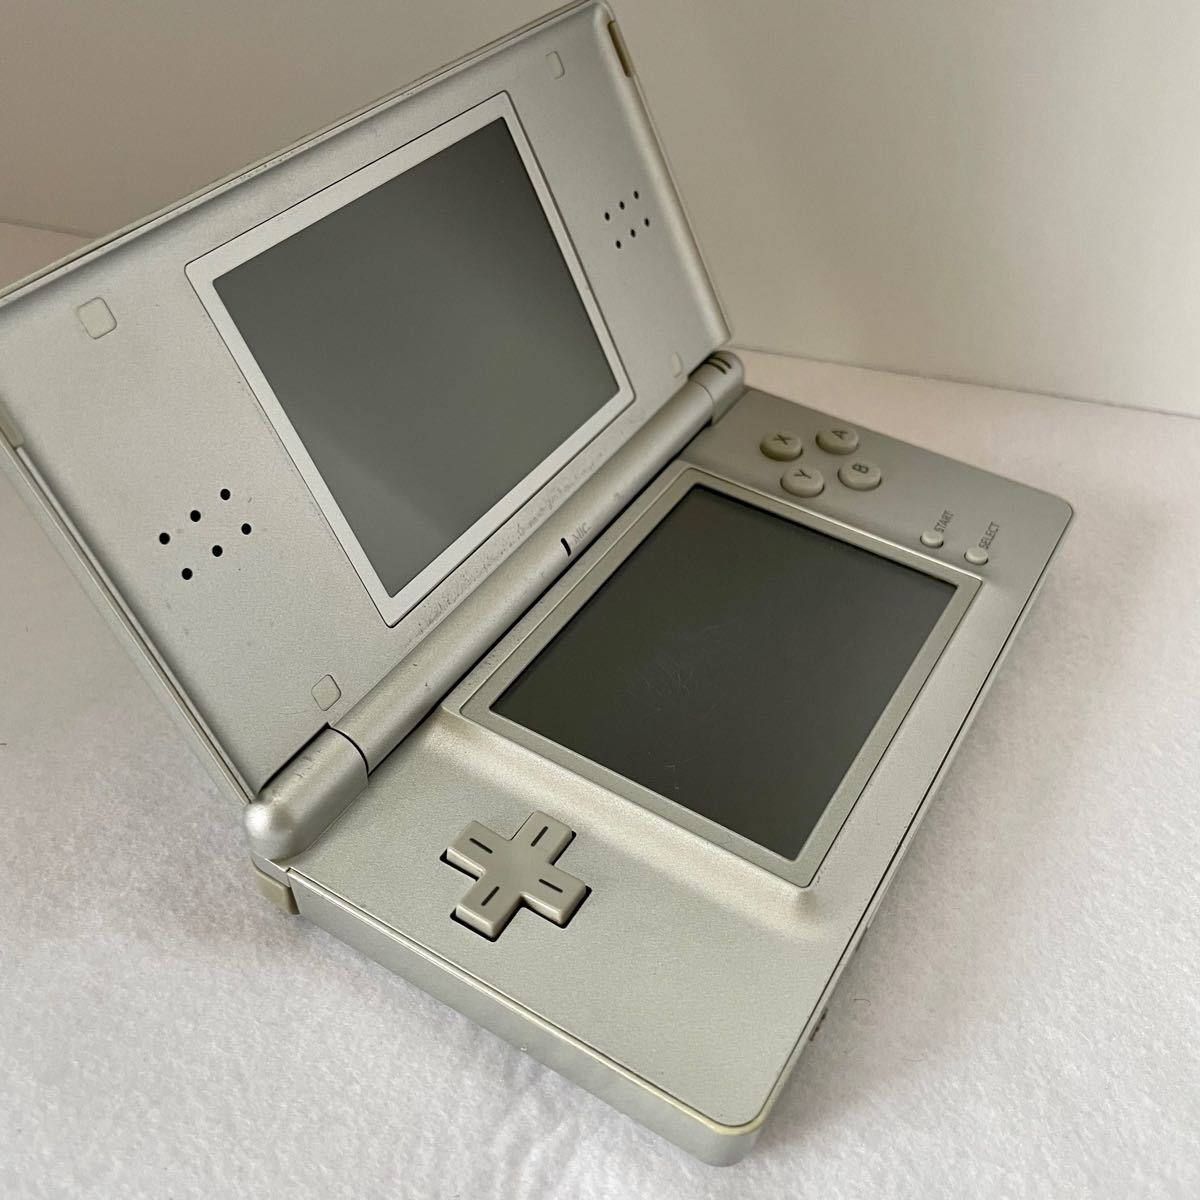 DS Lite 本体 ニンテンドーDSライト ニンテンドーDS Lite がんばれゴエモン ソフト ACアダプター付き セット